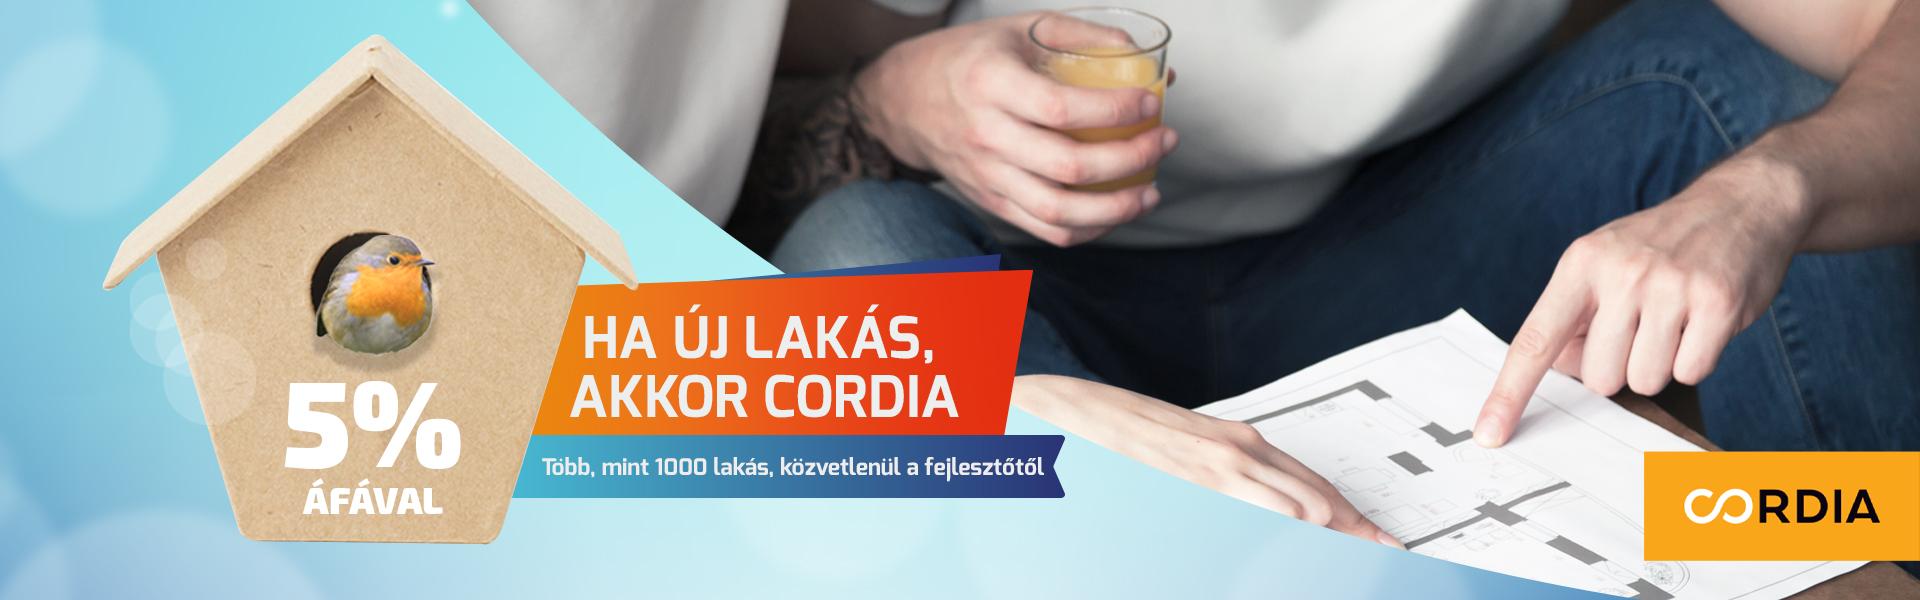 crd arengedmeny kampany hamarosan koltzoheto szegmens 1920x600 20210301